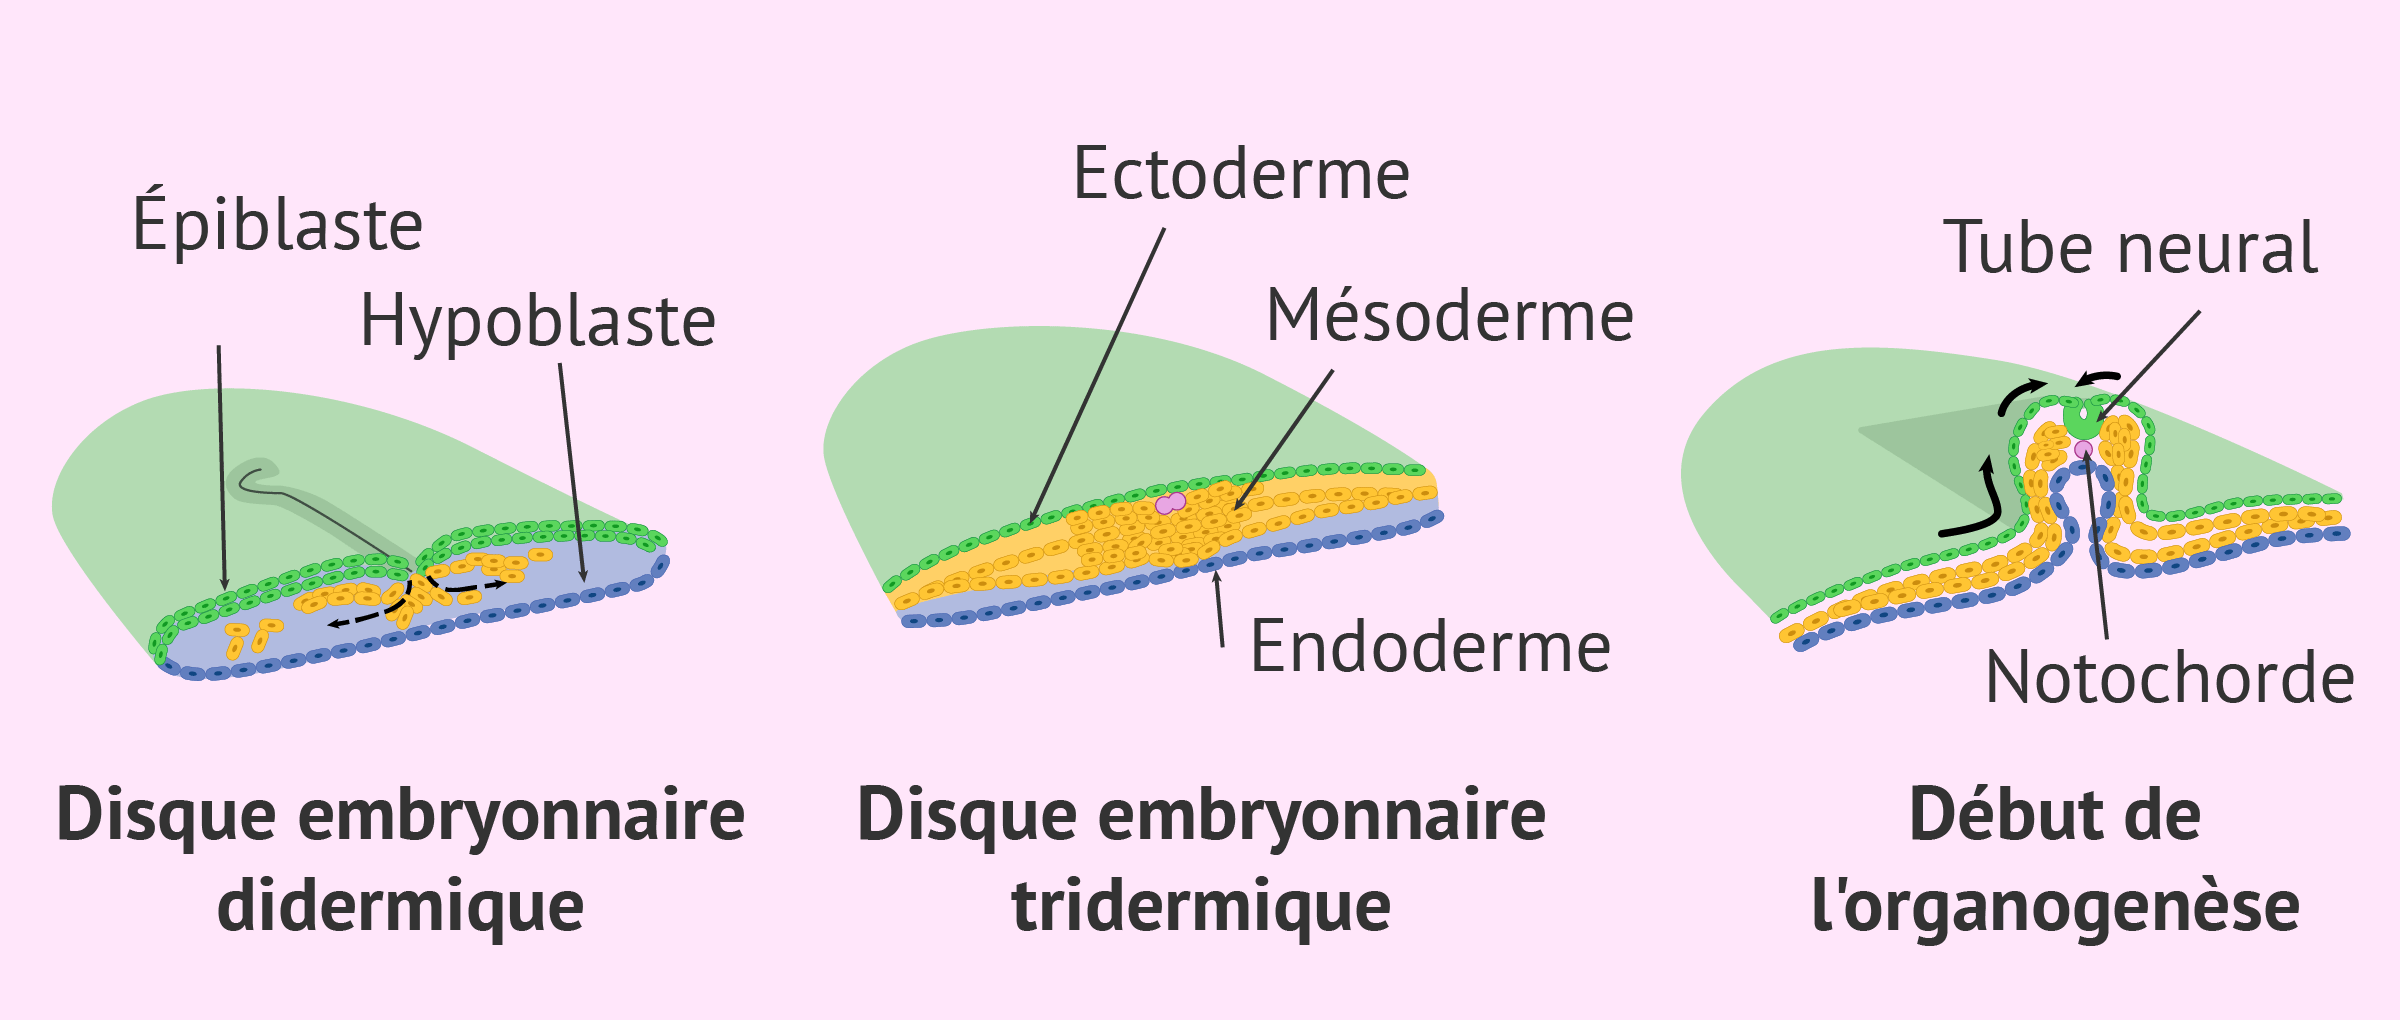 Formation du disque embryonnaire tridermique